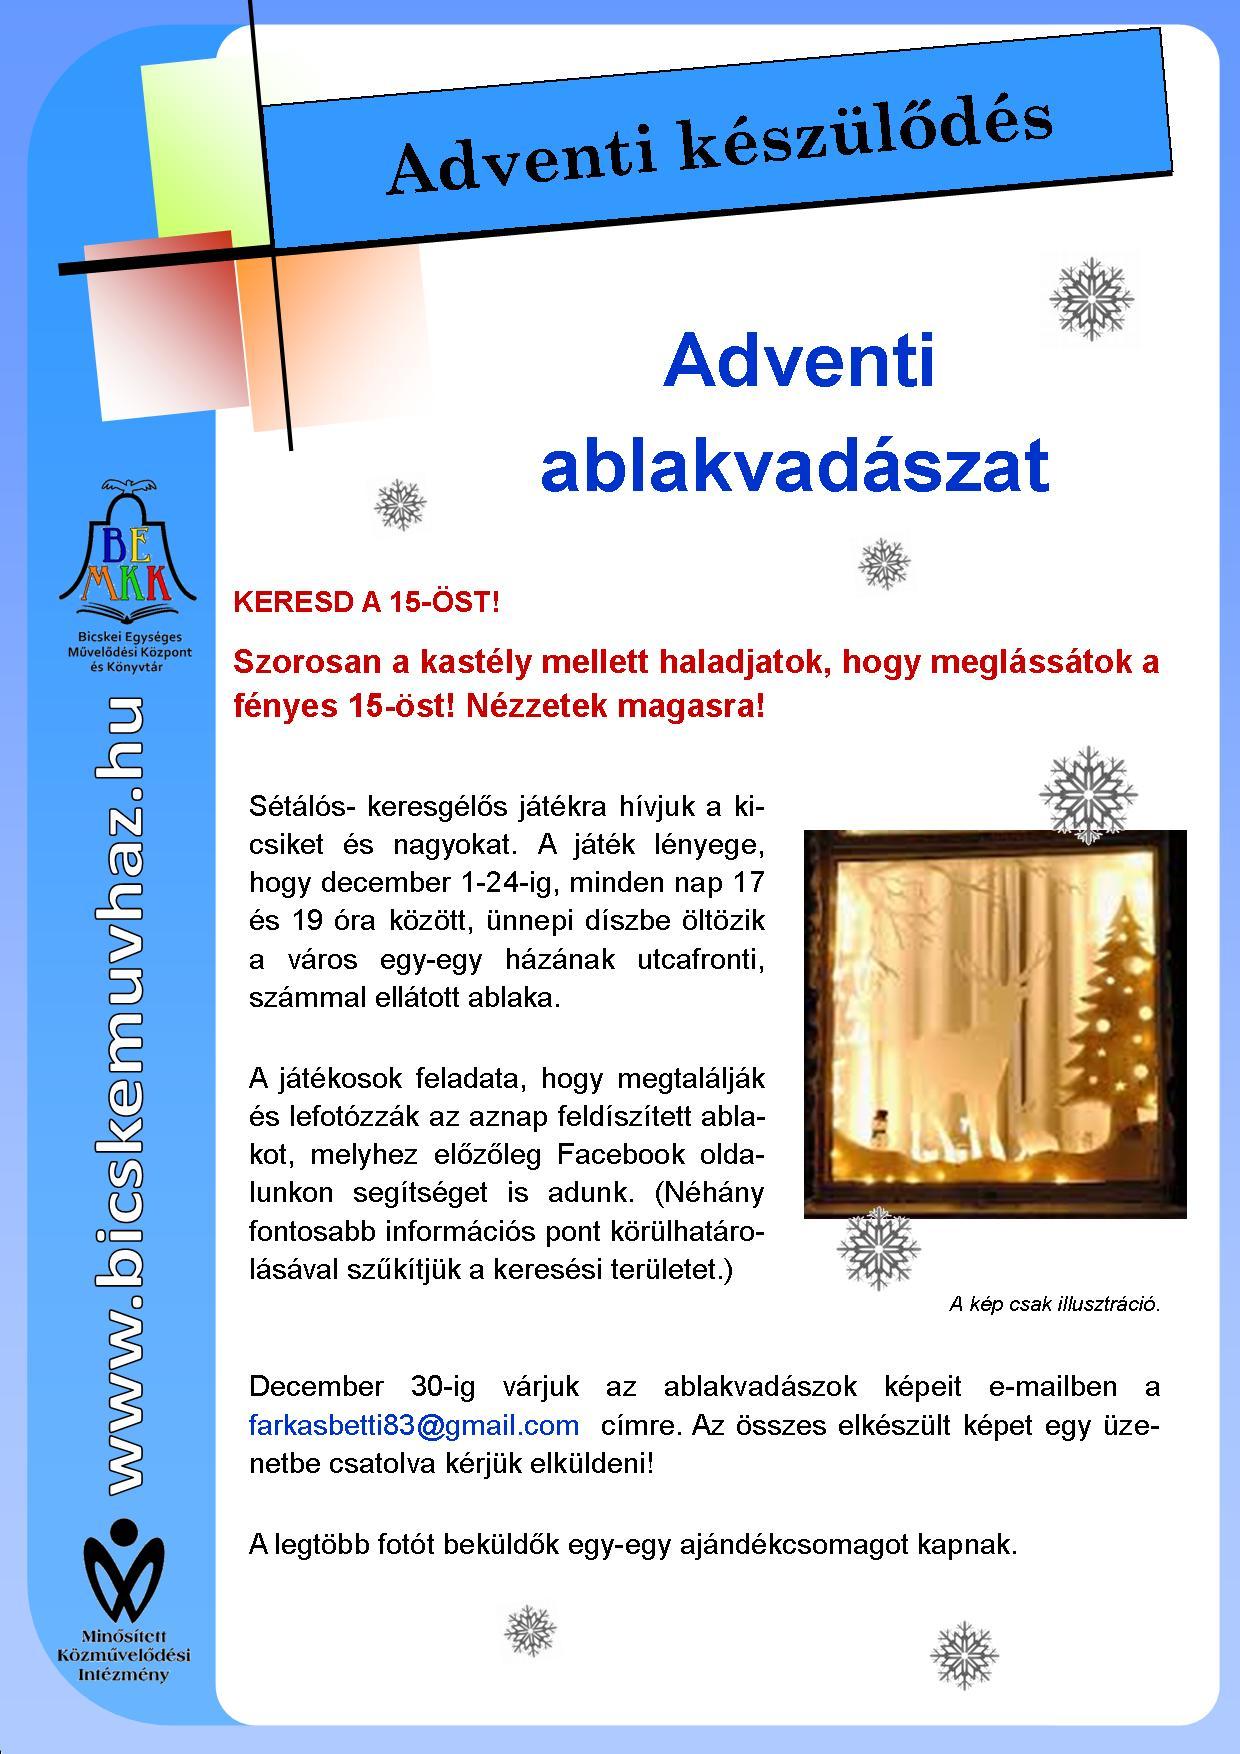 adventi_ablakvadaszat-keresd_a_15-ost.jpg